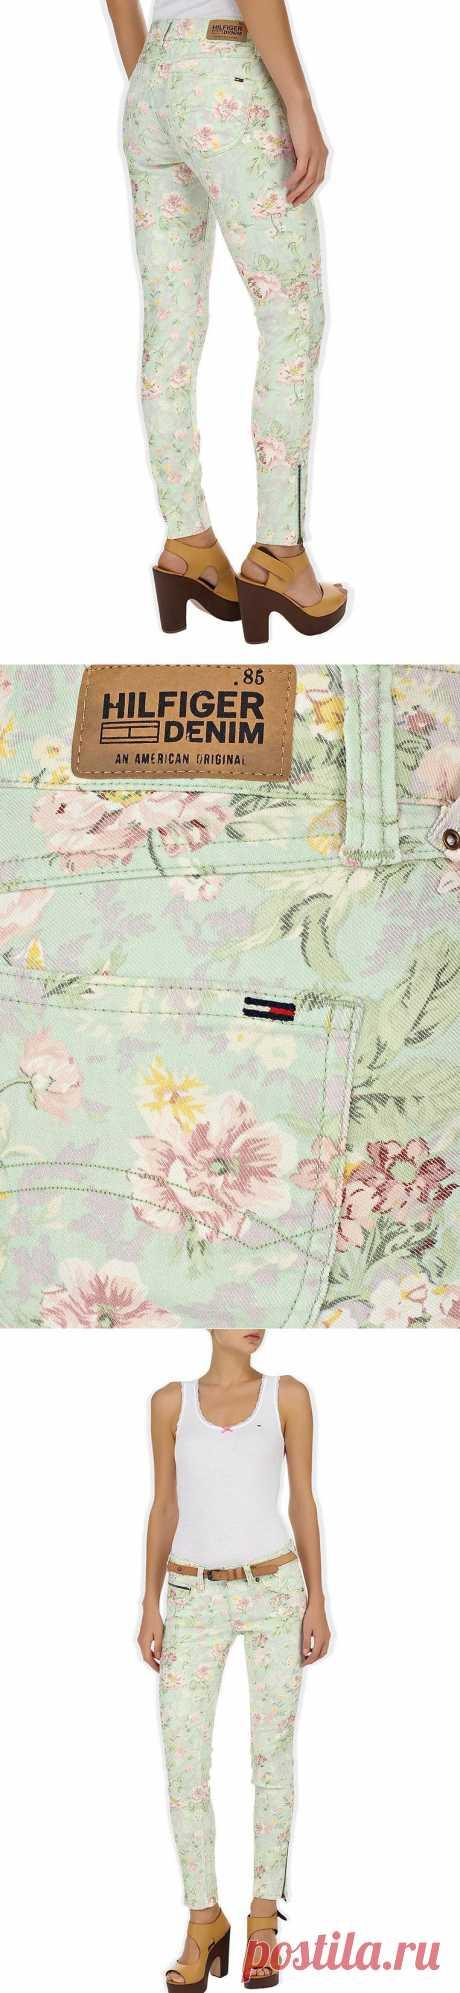 Романтический и милый образ помогут создать летние брючки дизайнера Tommu Hilfiger мятного оттенка с цветочным принтом.